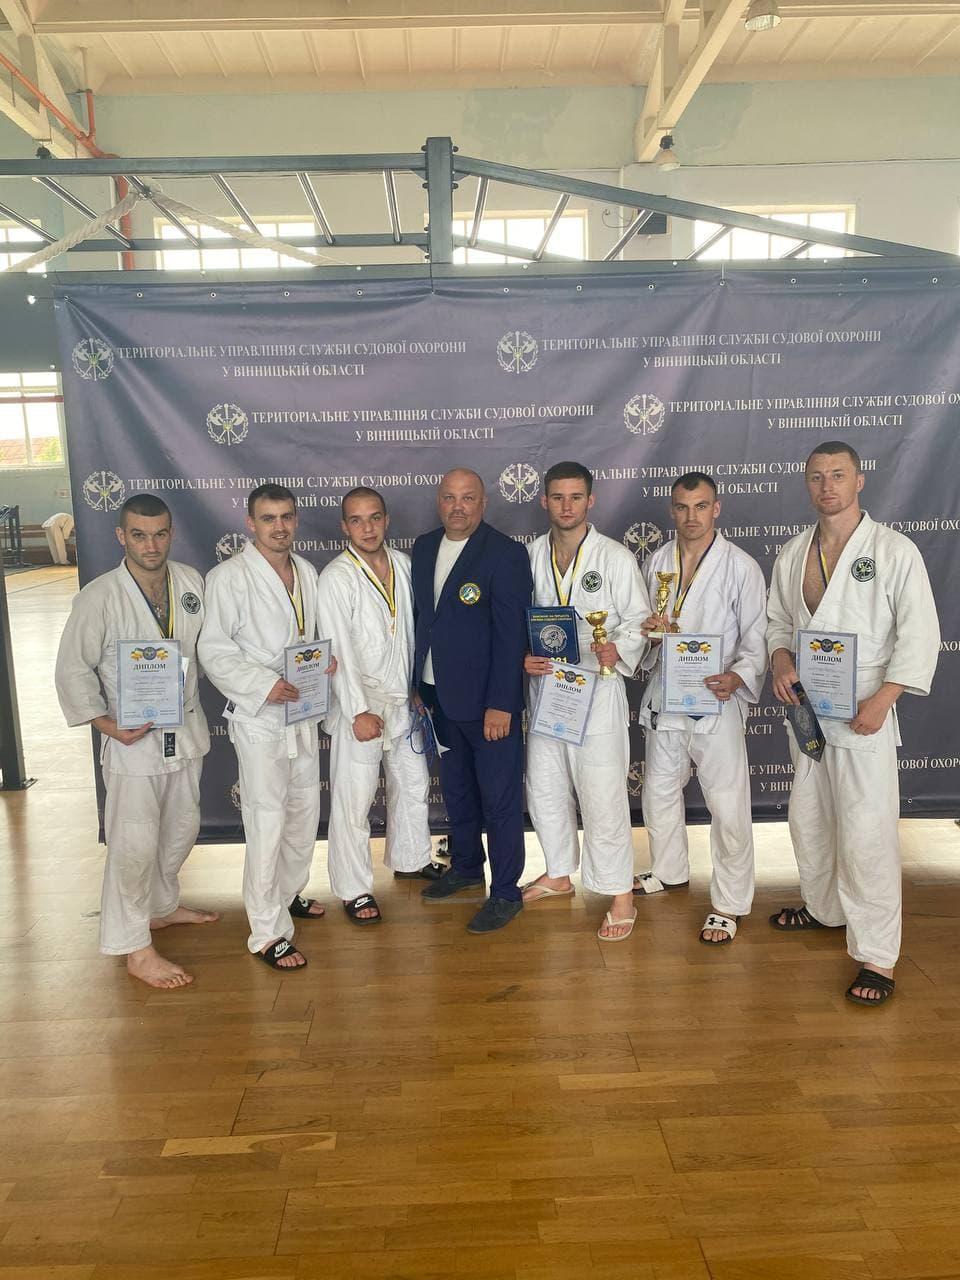 Охоронці Феміди Прикарпаття вибороли перше командне місце у змаганнях з рукопашного бою у Вінниці (ФОТО)